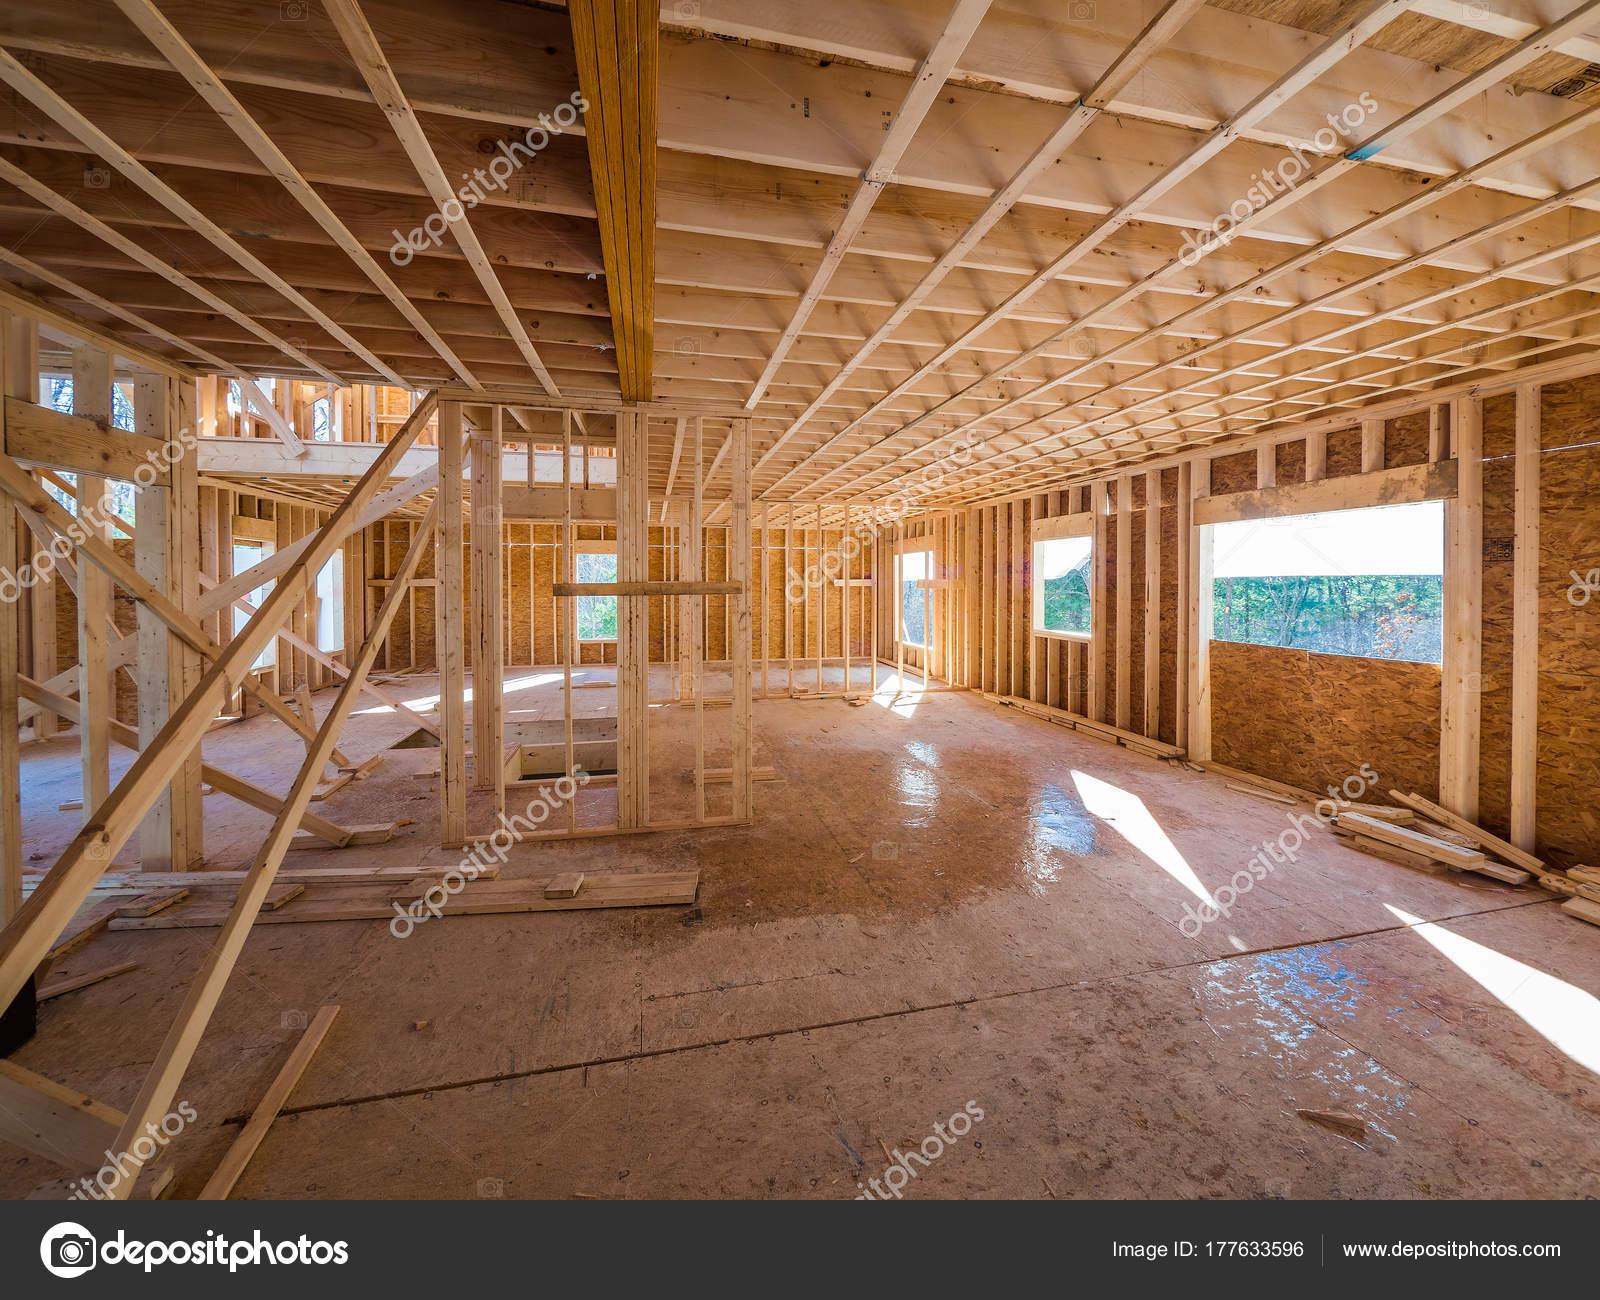 Neue Haus Innenausbau Gestaltung Website — Stockfoto © Sonar #177633596